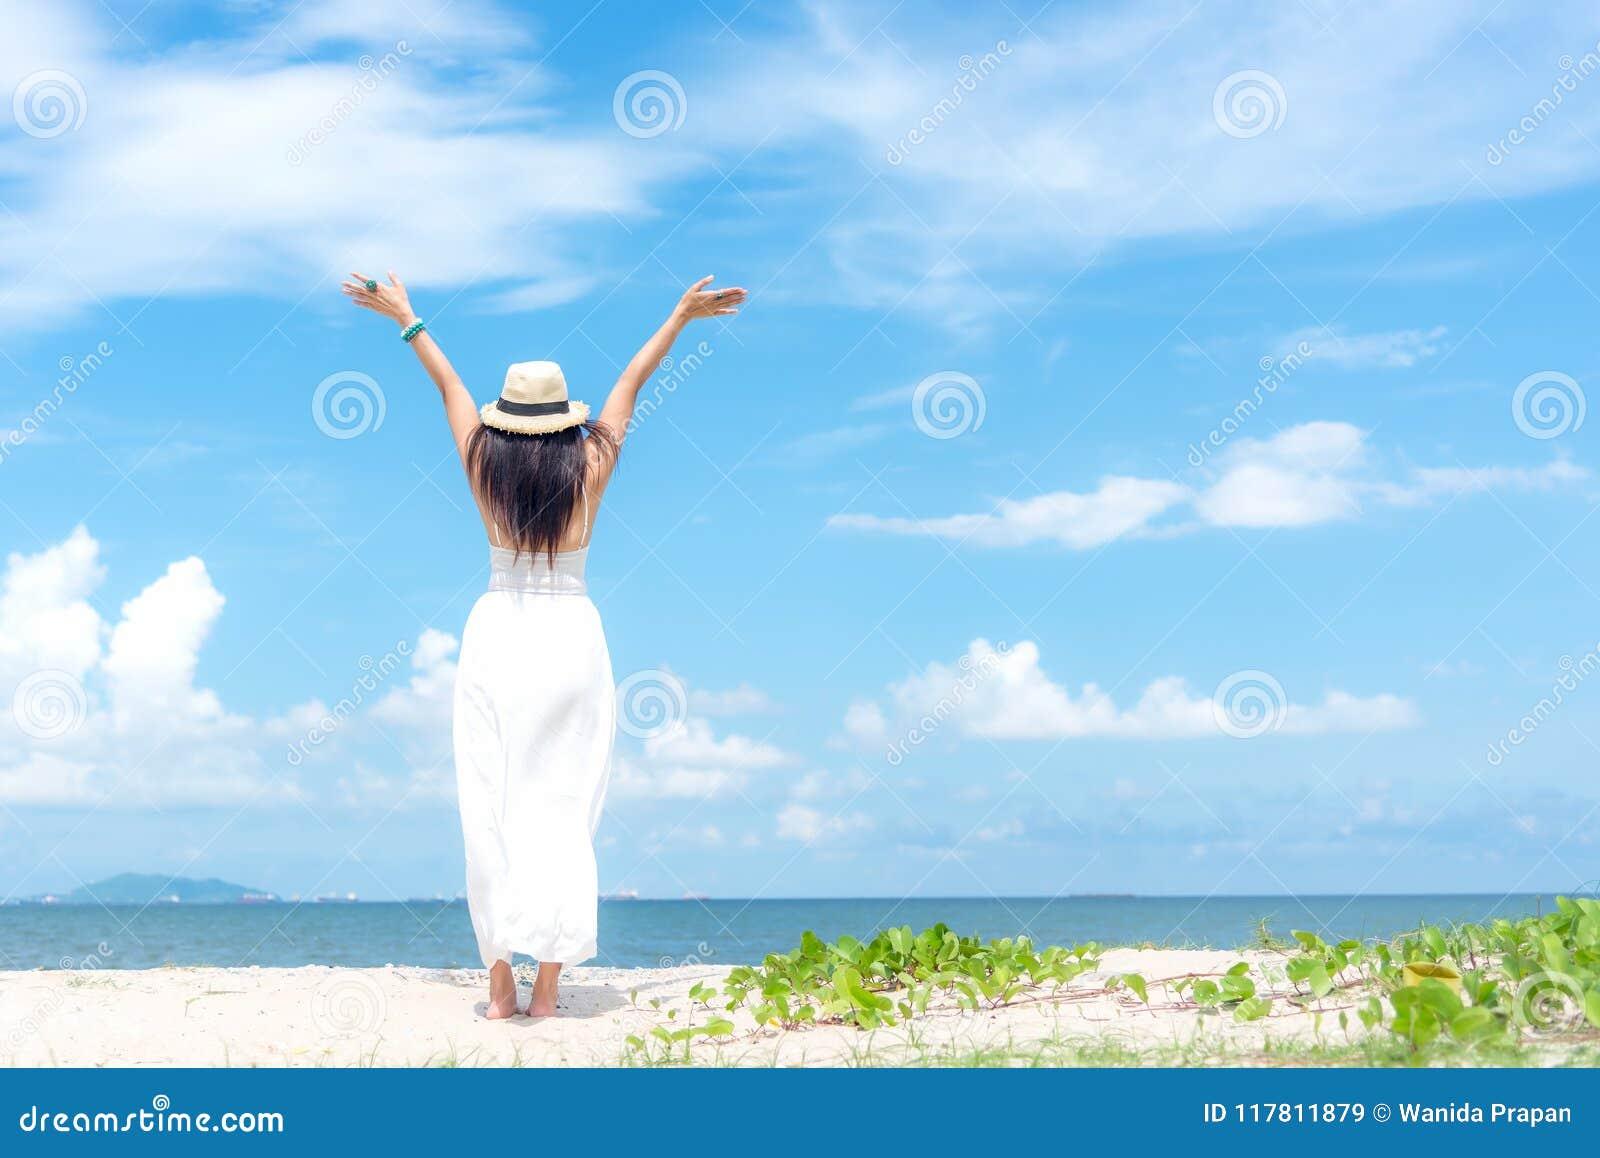 Χαμογελώντας γυναίκα που φορά το άσπρο καλοκαίρι φορεμάτων μόδας που περπατά στην αμμώδη ωκεάνια παραλία, όμορφο υπόβαθρο μπλε ου